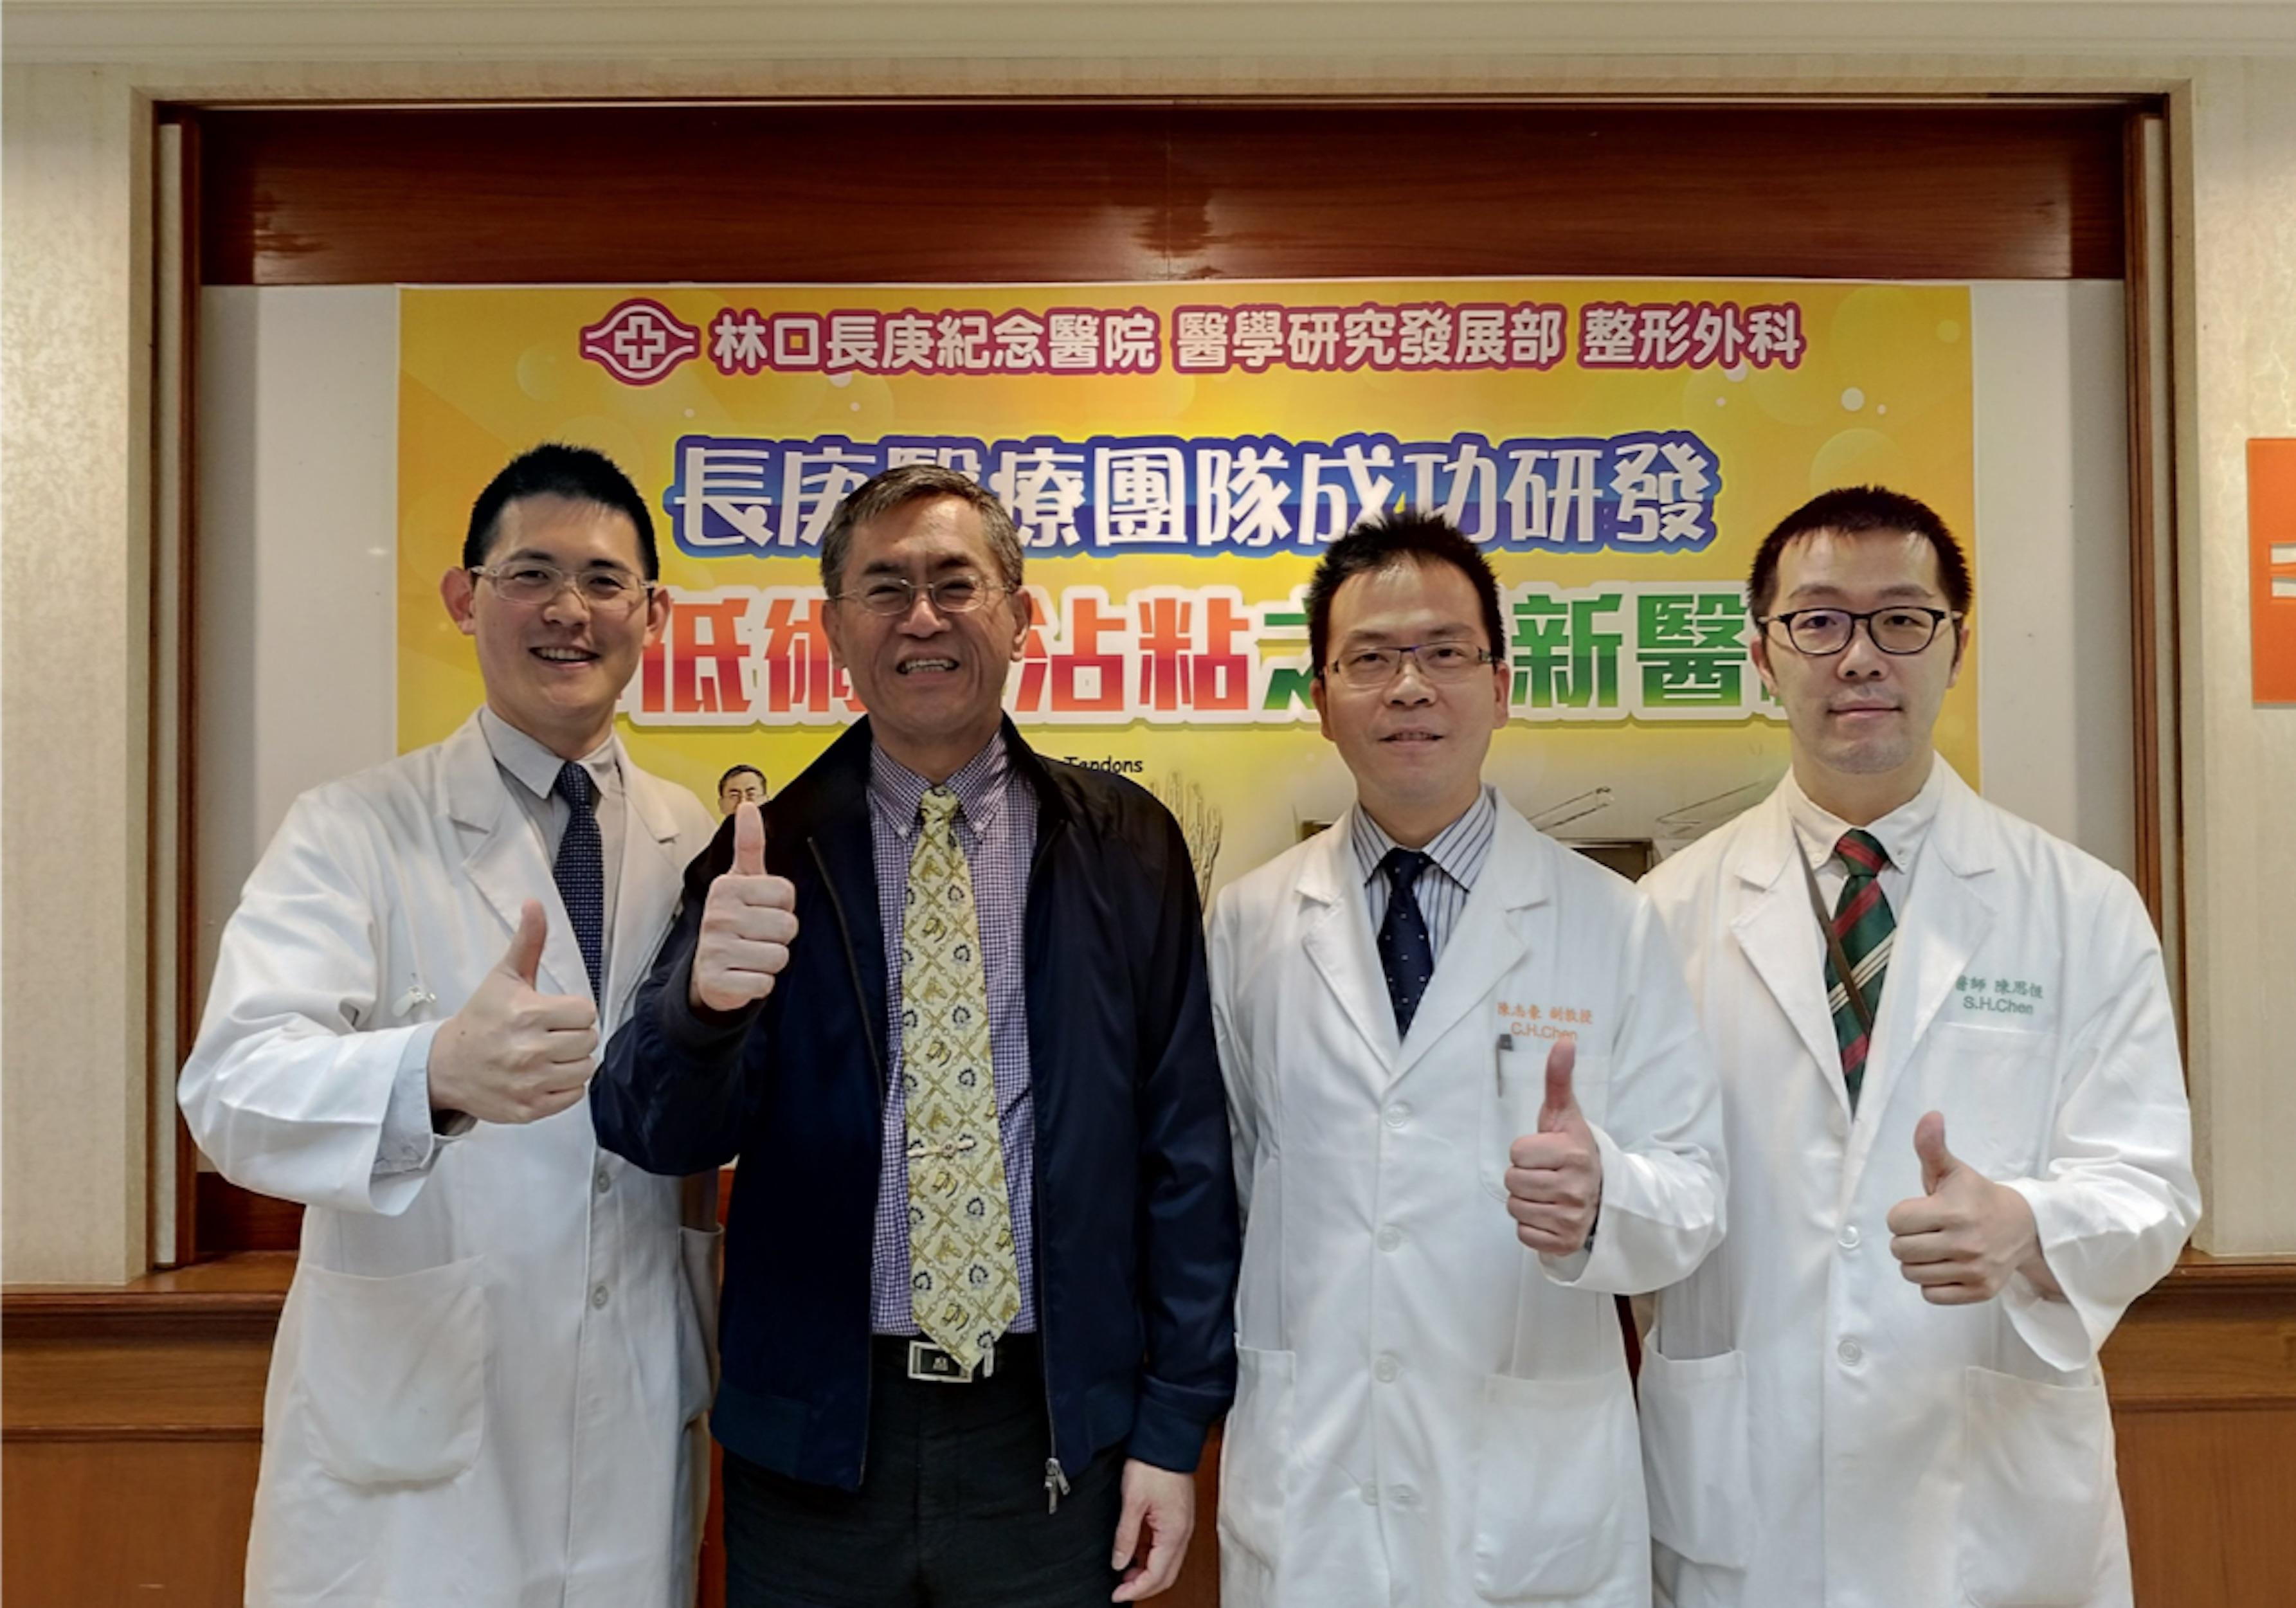 新醫材研發成功記者會(左一)周邦昀醫師、(左二)陳志平教授、(右一)陳思恒醫師及(右二)陳志豪醫師。